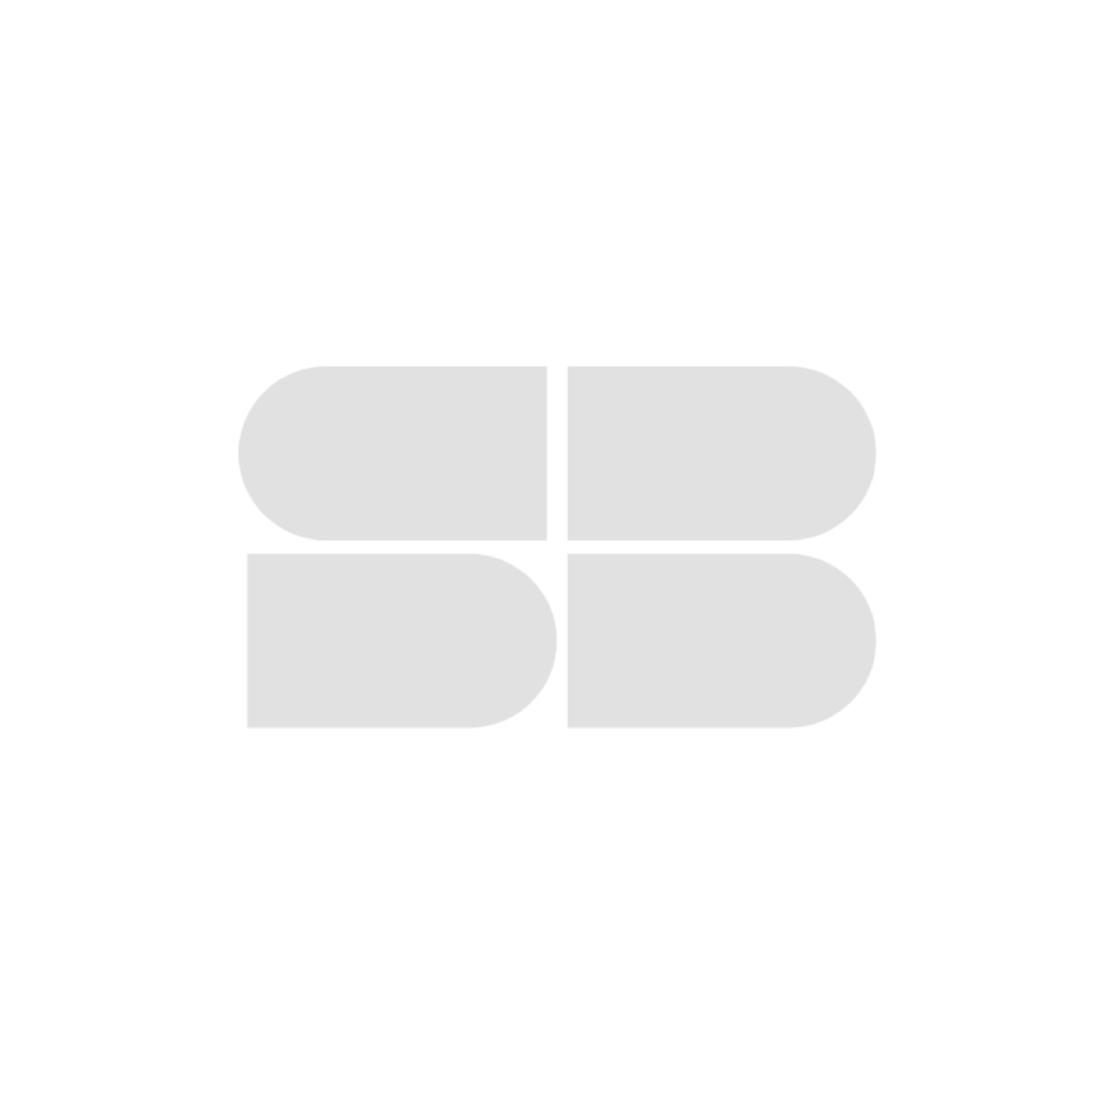 เก้าอี้ทานอาหาร เก้าอี้สตูลบาร์ไม้เบาะหนัง รุ่น A-Sylvia สีสีน้ำตาล-SB Design Square